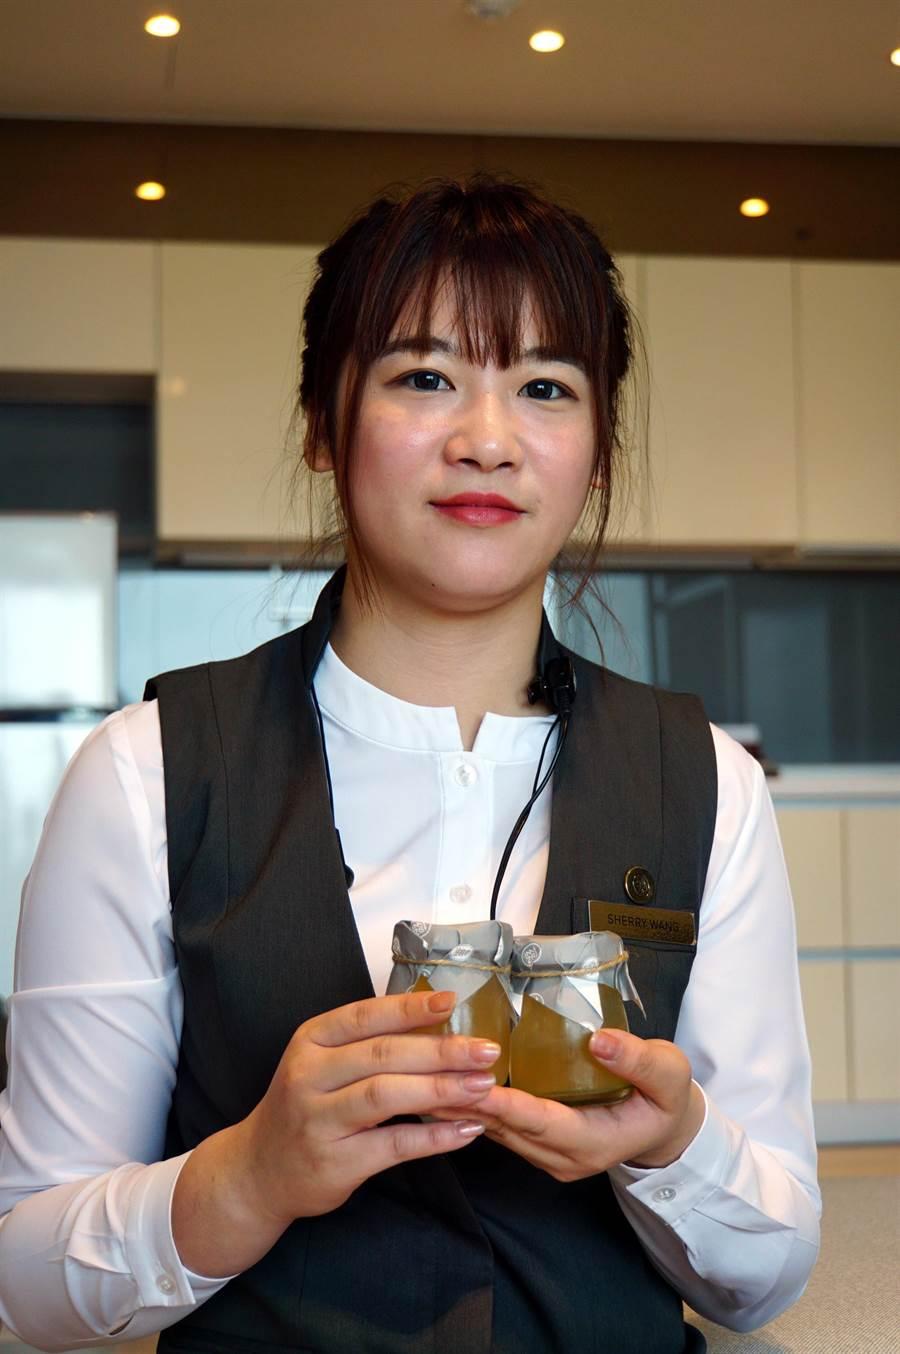 淡水〈蕴泉庄〉强调客制化服务,客人入住房内后,服务人员会立即奉上特制的迎宾饮品。(图/姚舜)